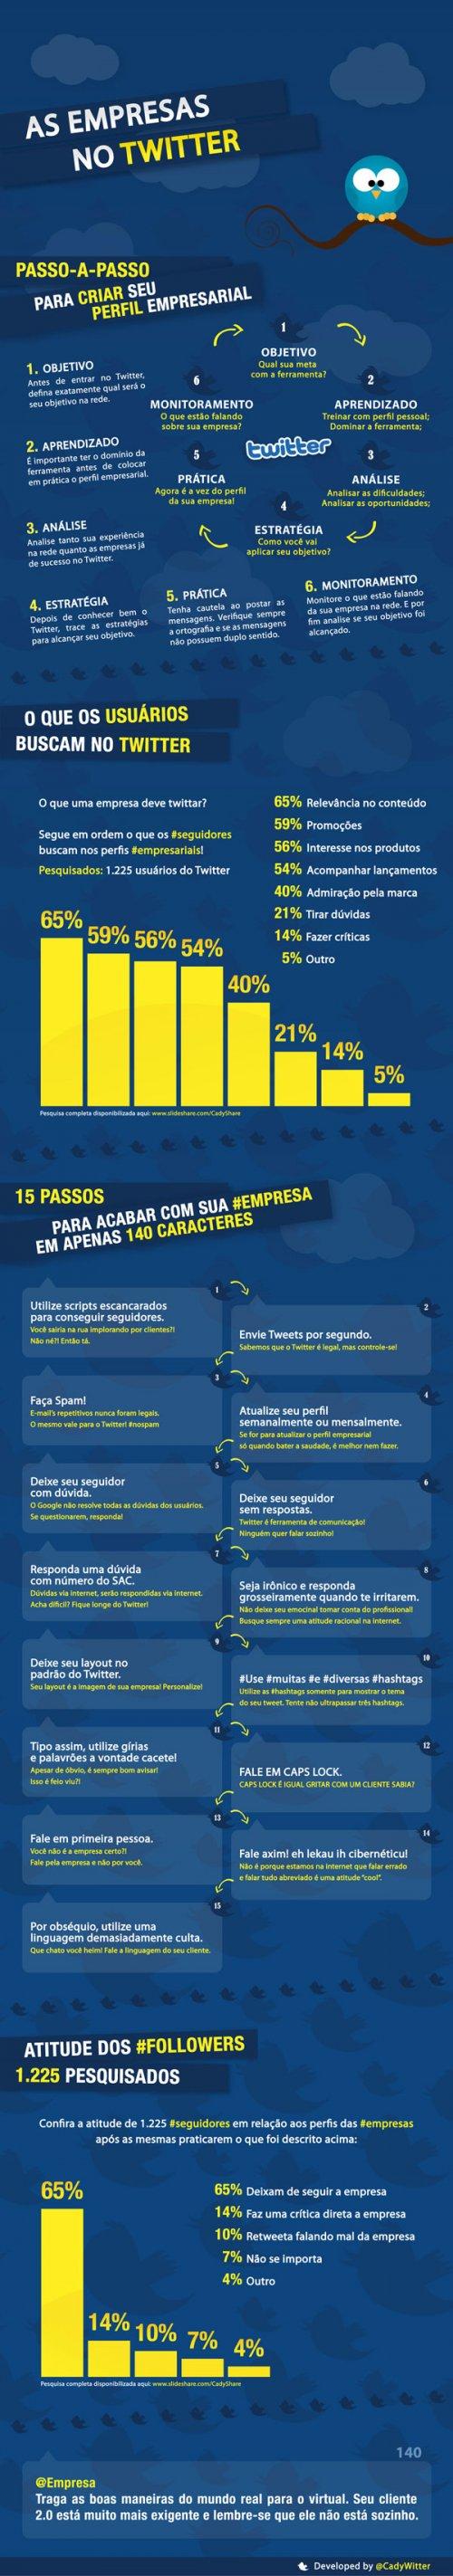 infografico empresas no twitter  O que não fazer no uso do Twitter